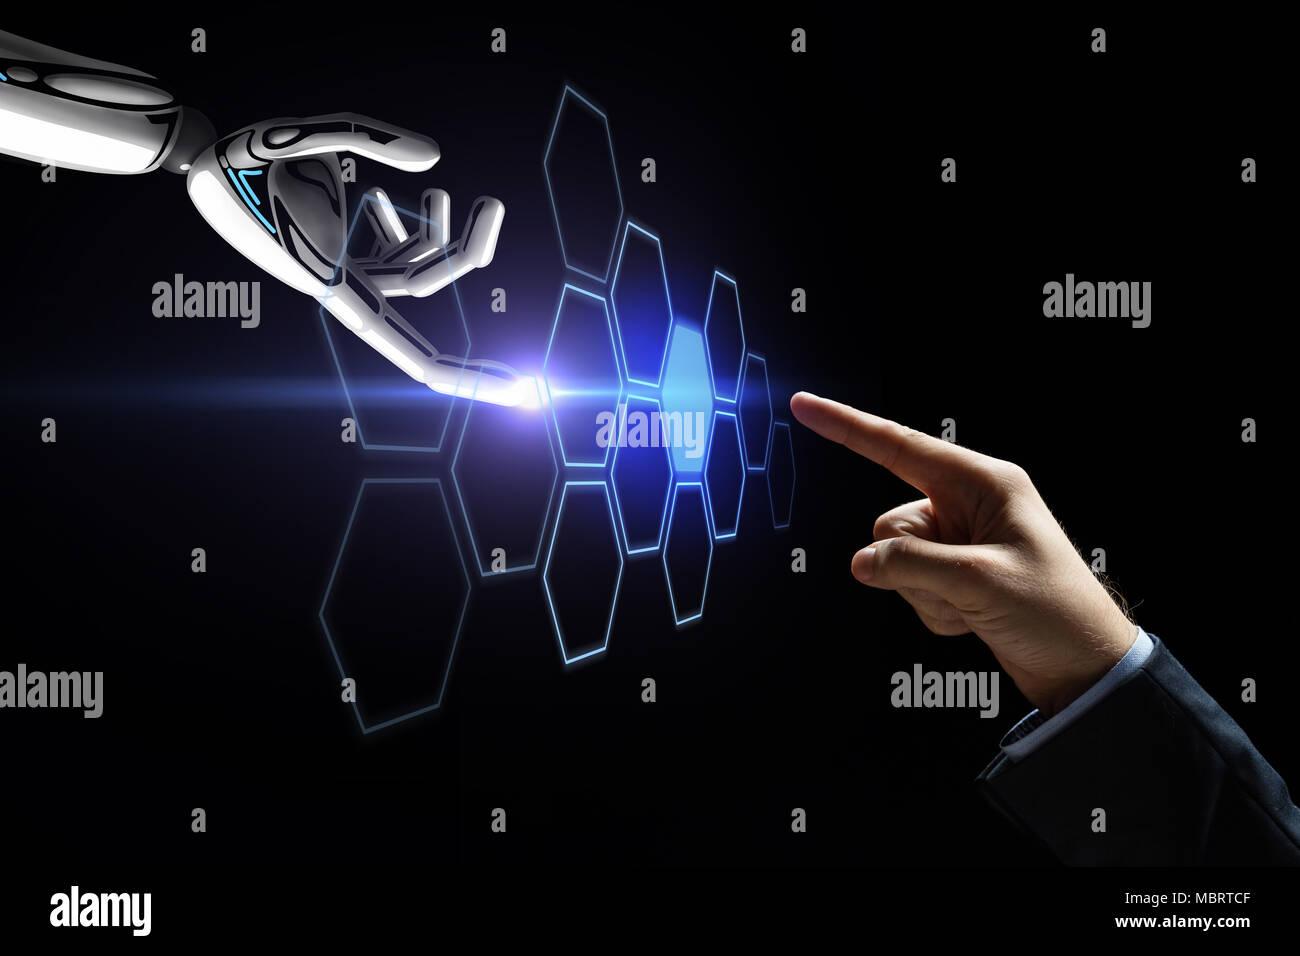 El robot y la mano humana tocando holograma red Foto de stock